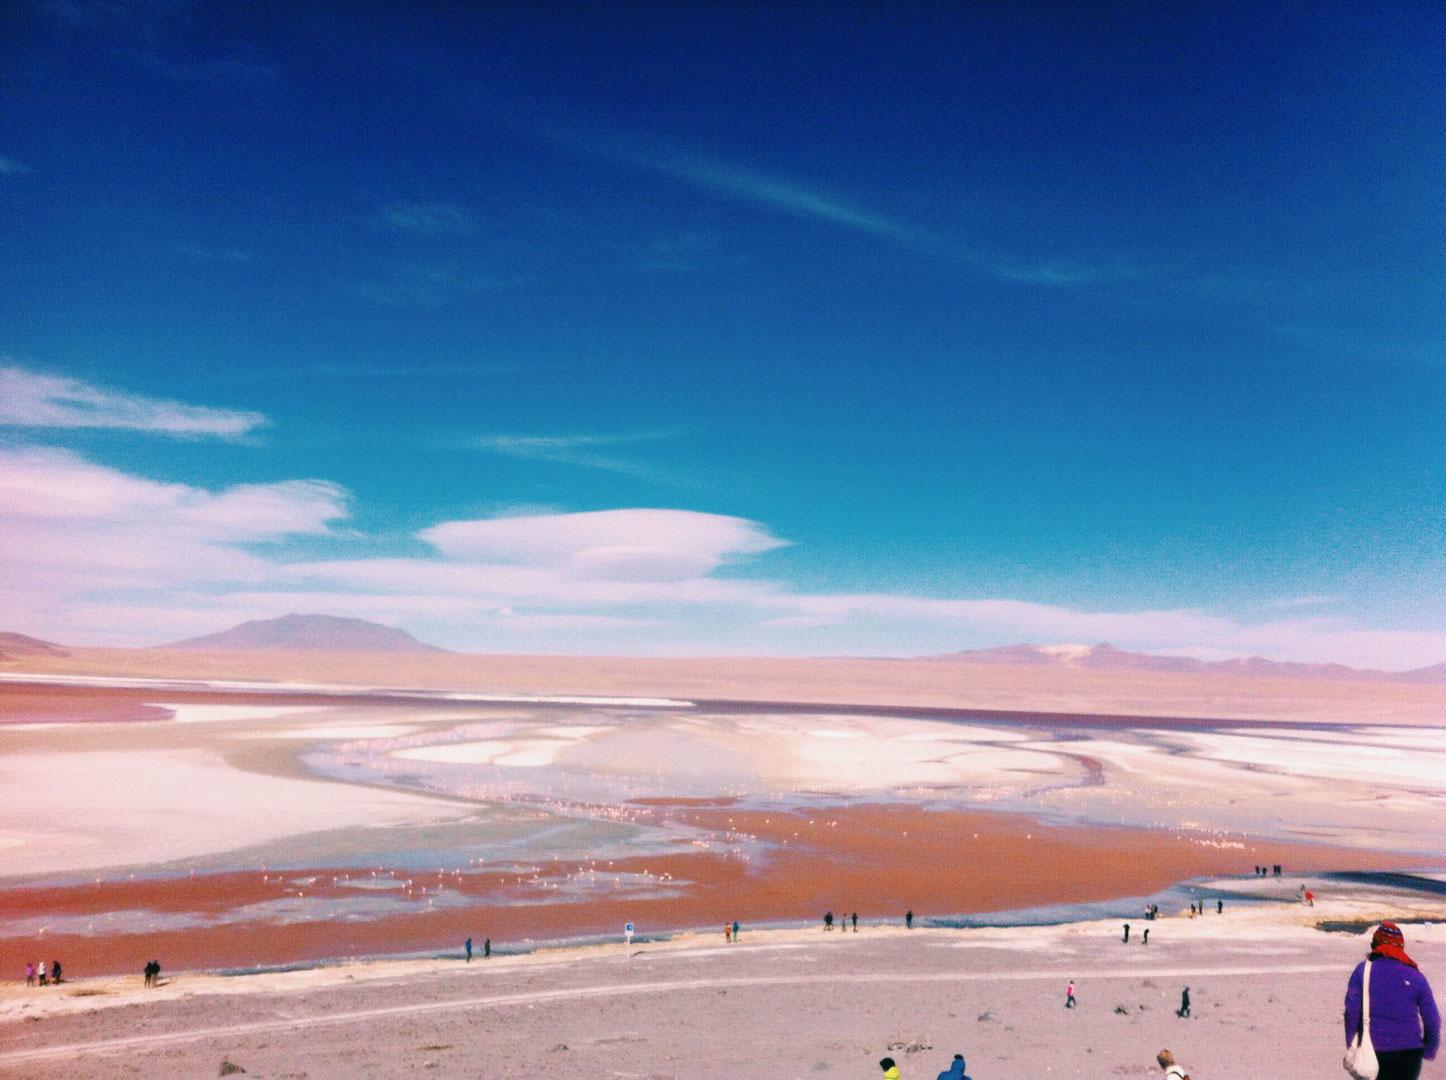 o-deserto-e-a-beleza-que-balanca-4